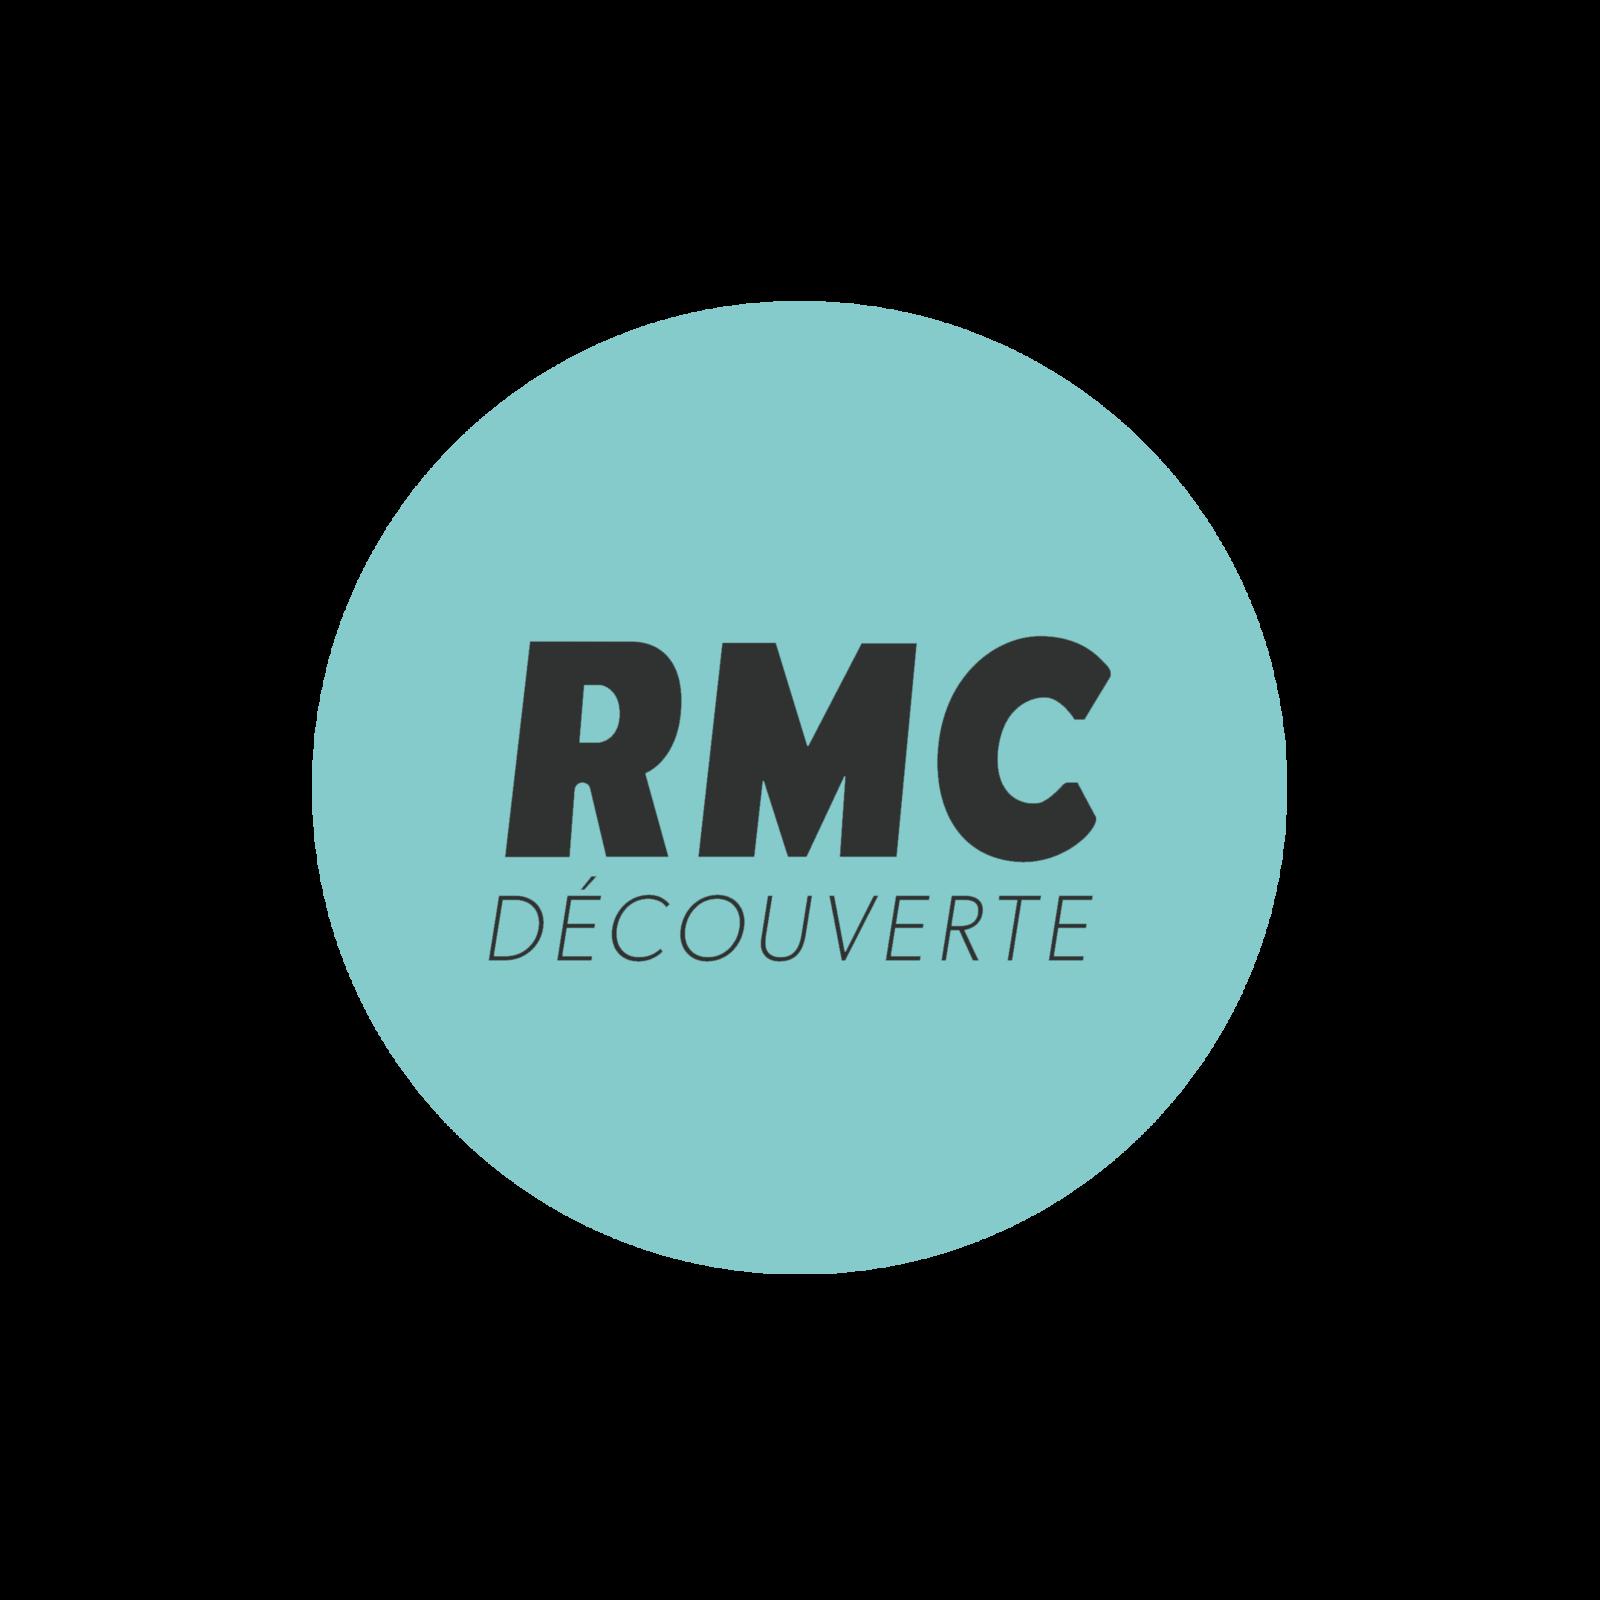 Le Bourget, un siècle d'aviation : documentaire inédit le 19 juin sur RMC Découverte.